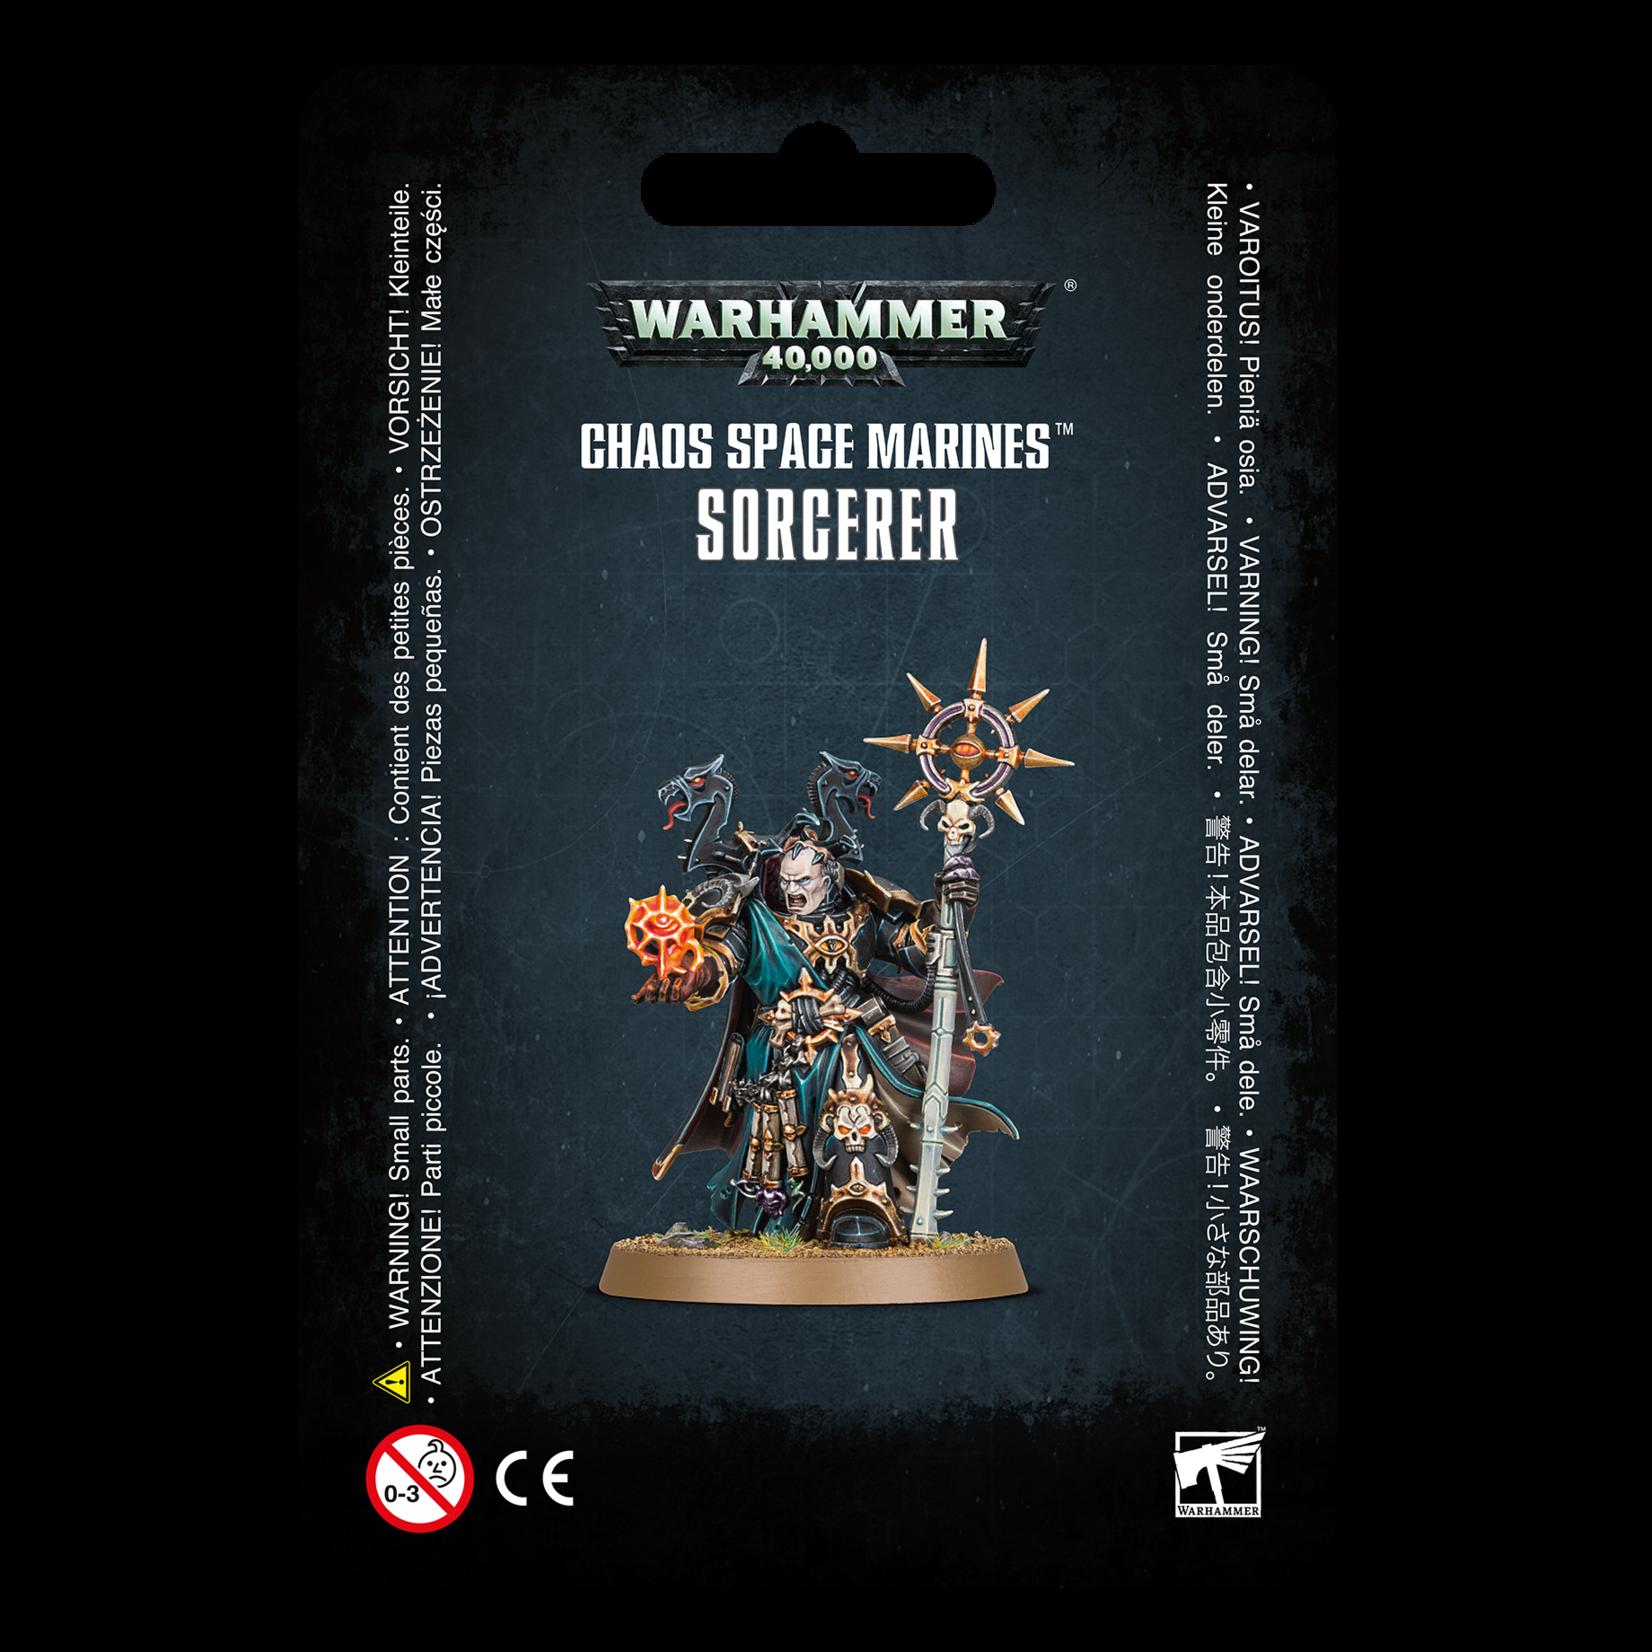 Games Workshop Sorcerer